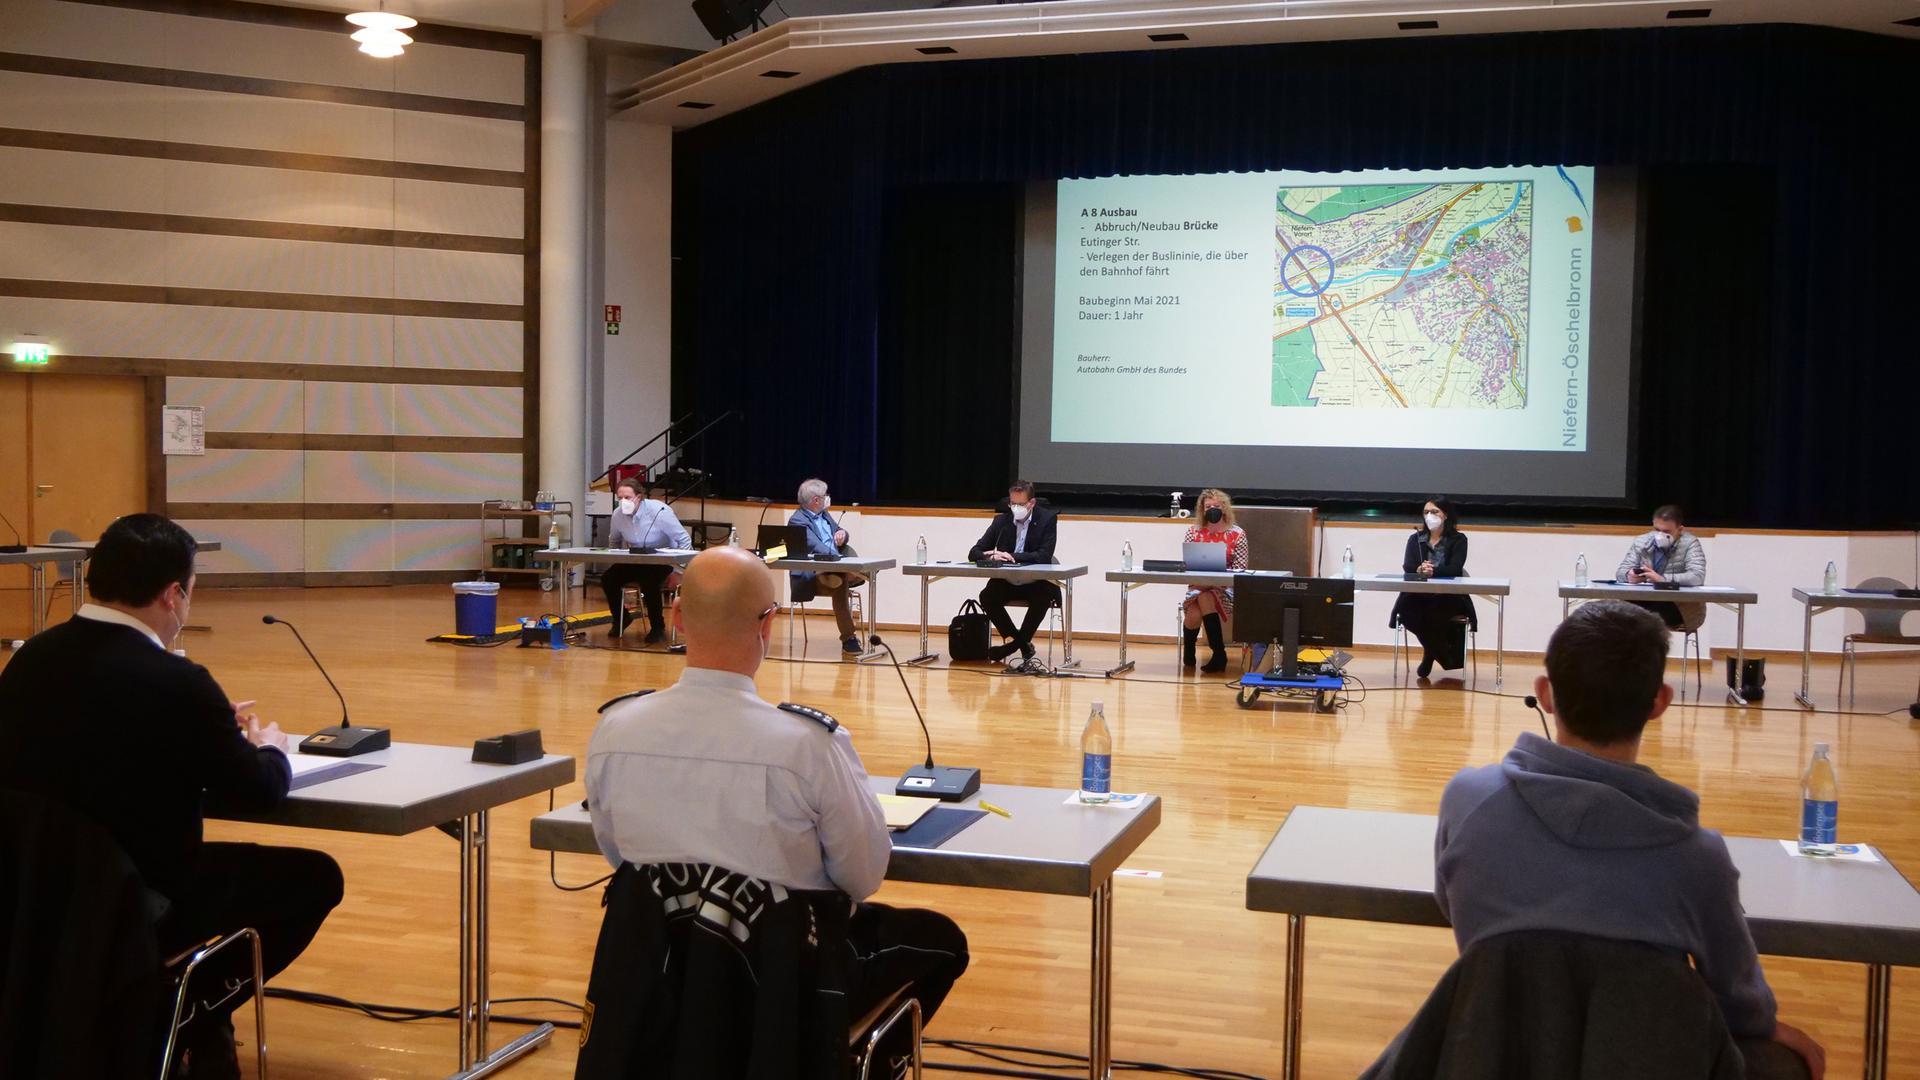 Vertreter von Gemeinden, Planern und Behörden trafen sich am Dienstag in Niefern zu einem Verkehrsgipfel. Dessen Ziel ist es, durch gegenseitige Rücksichtnahme ein größeres Verkehrschaos zu vermeiden